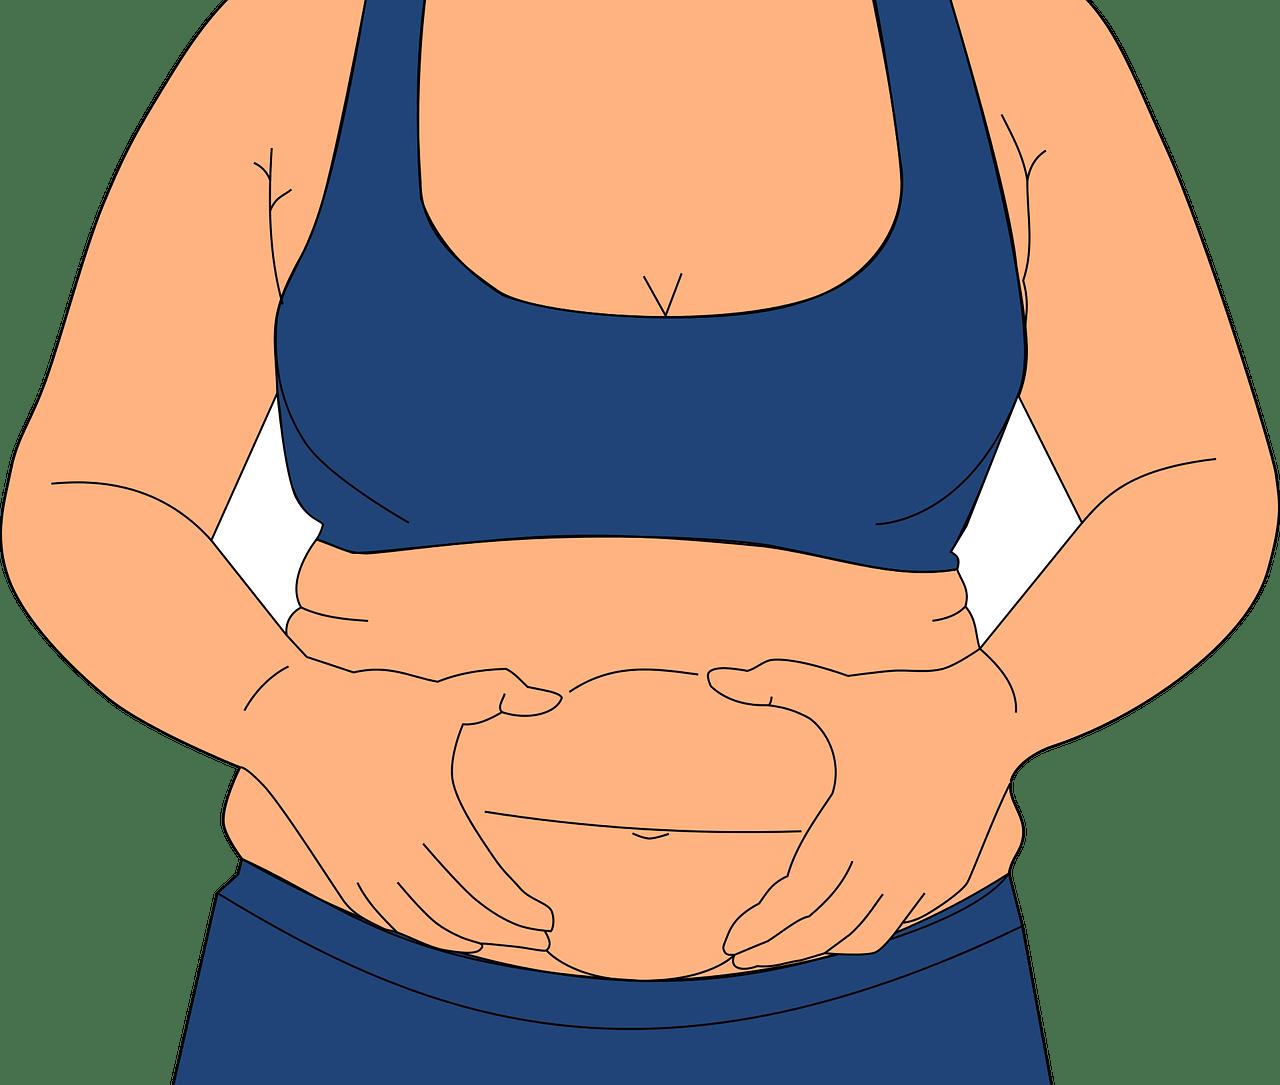 Nutrición: Hormonas y grasa corporal